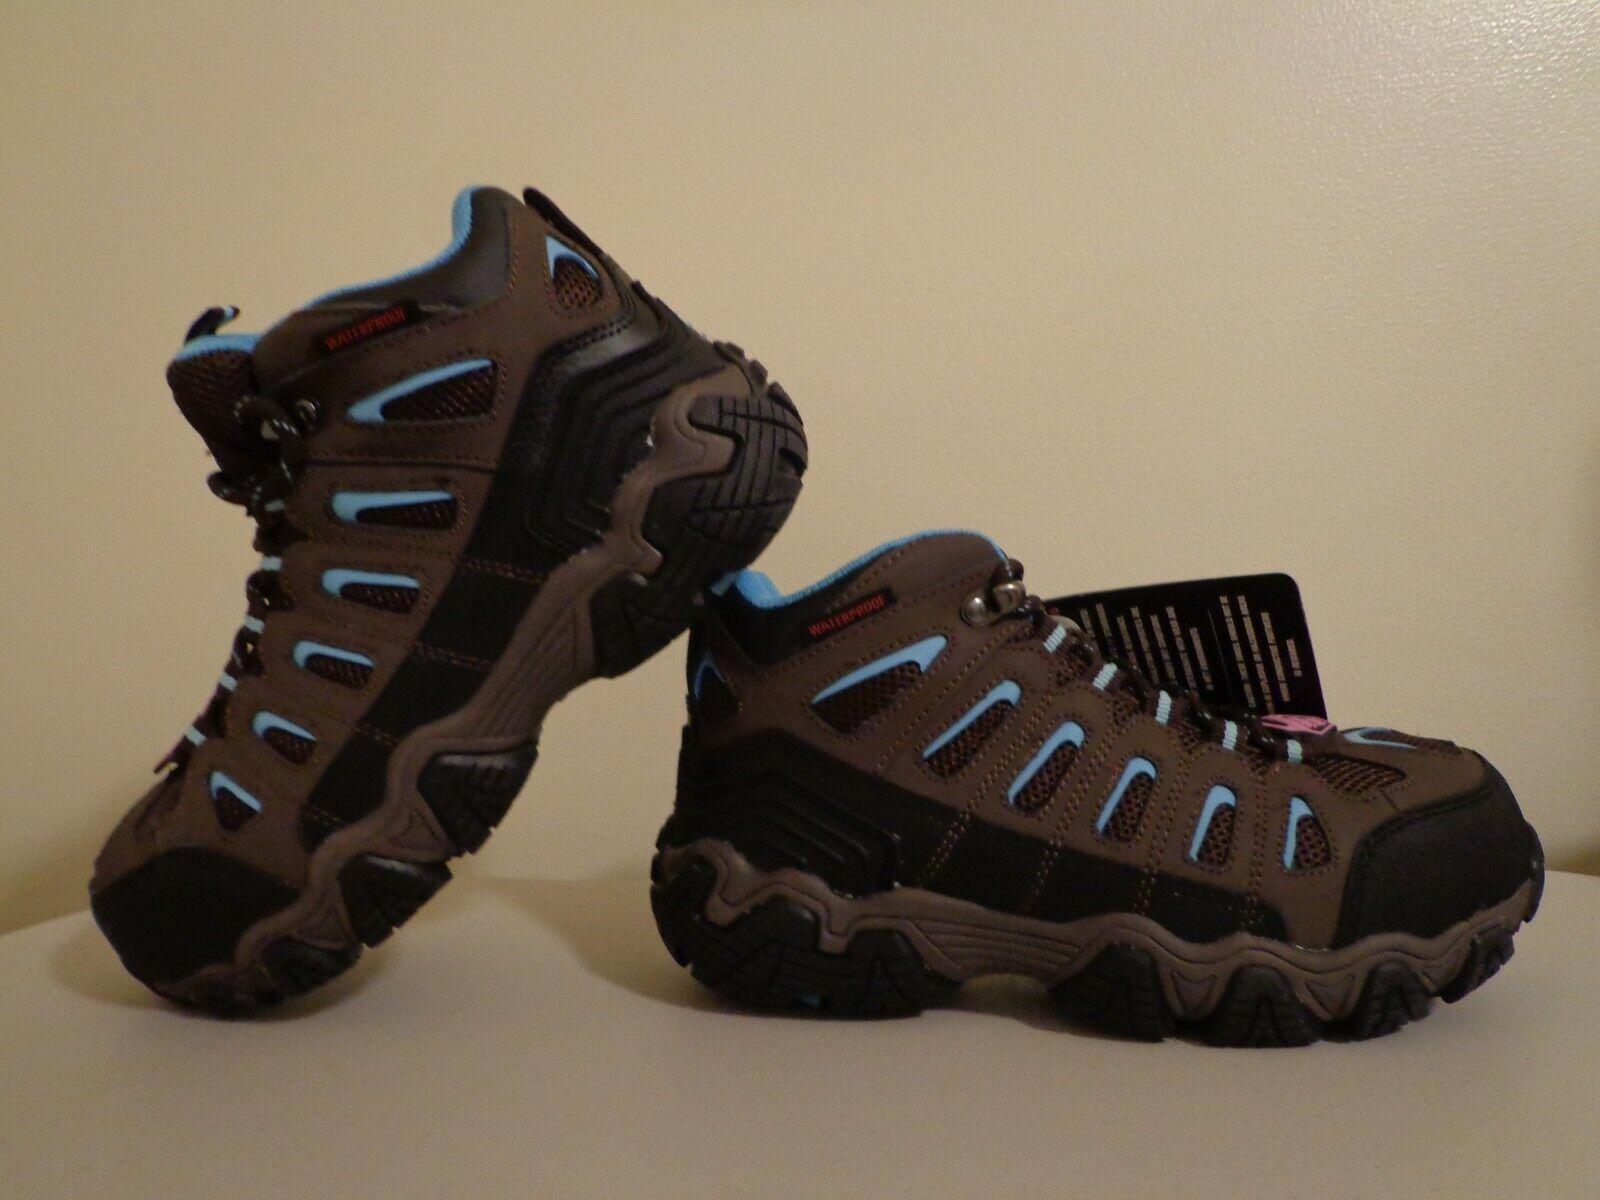 Skechers Steel Toe Work Water proof High-Top Women's Shoes S